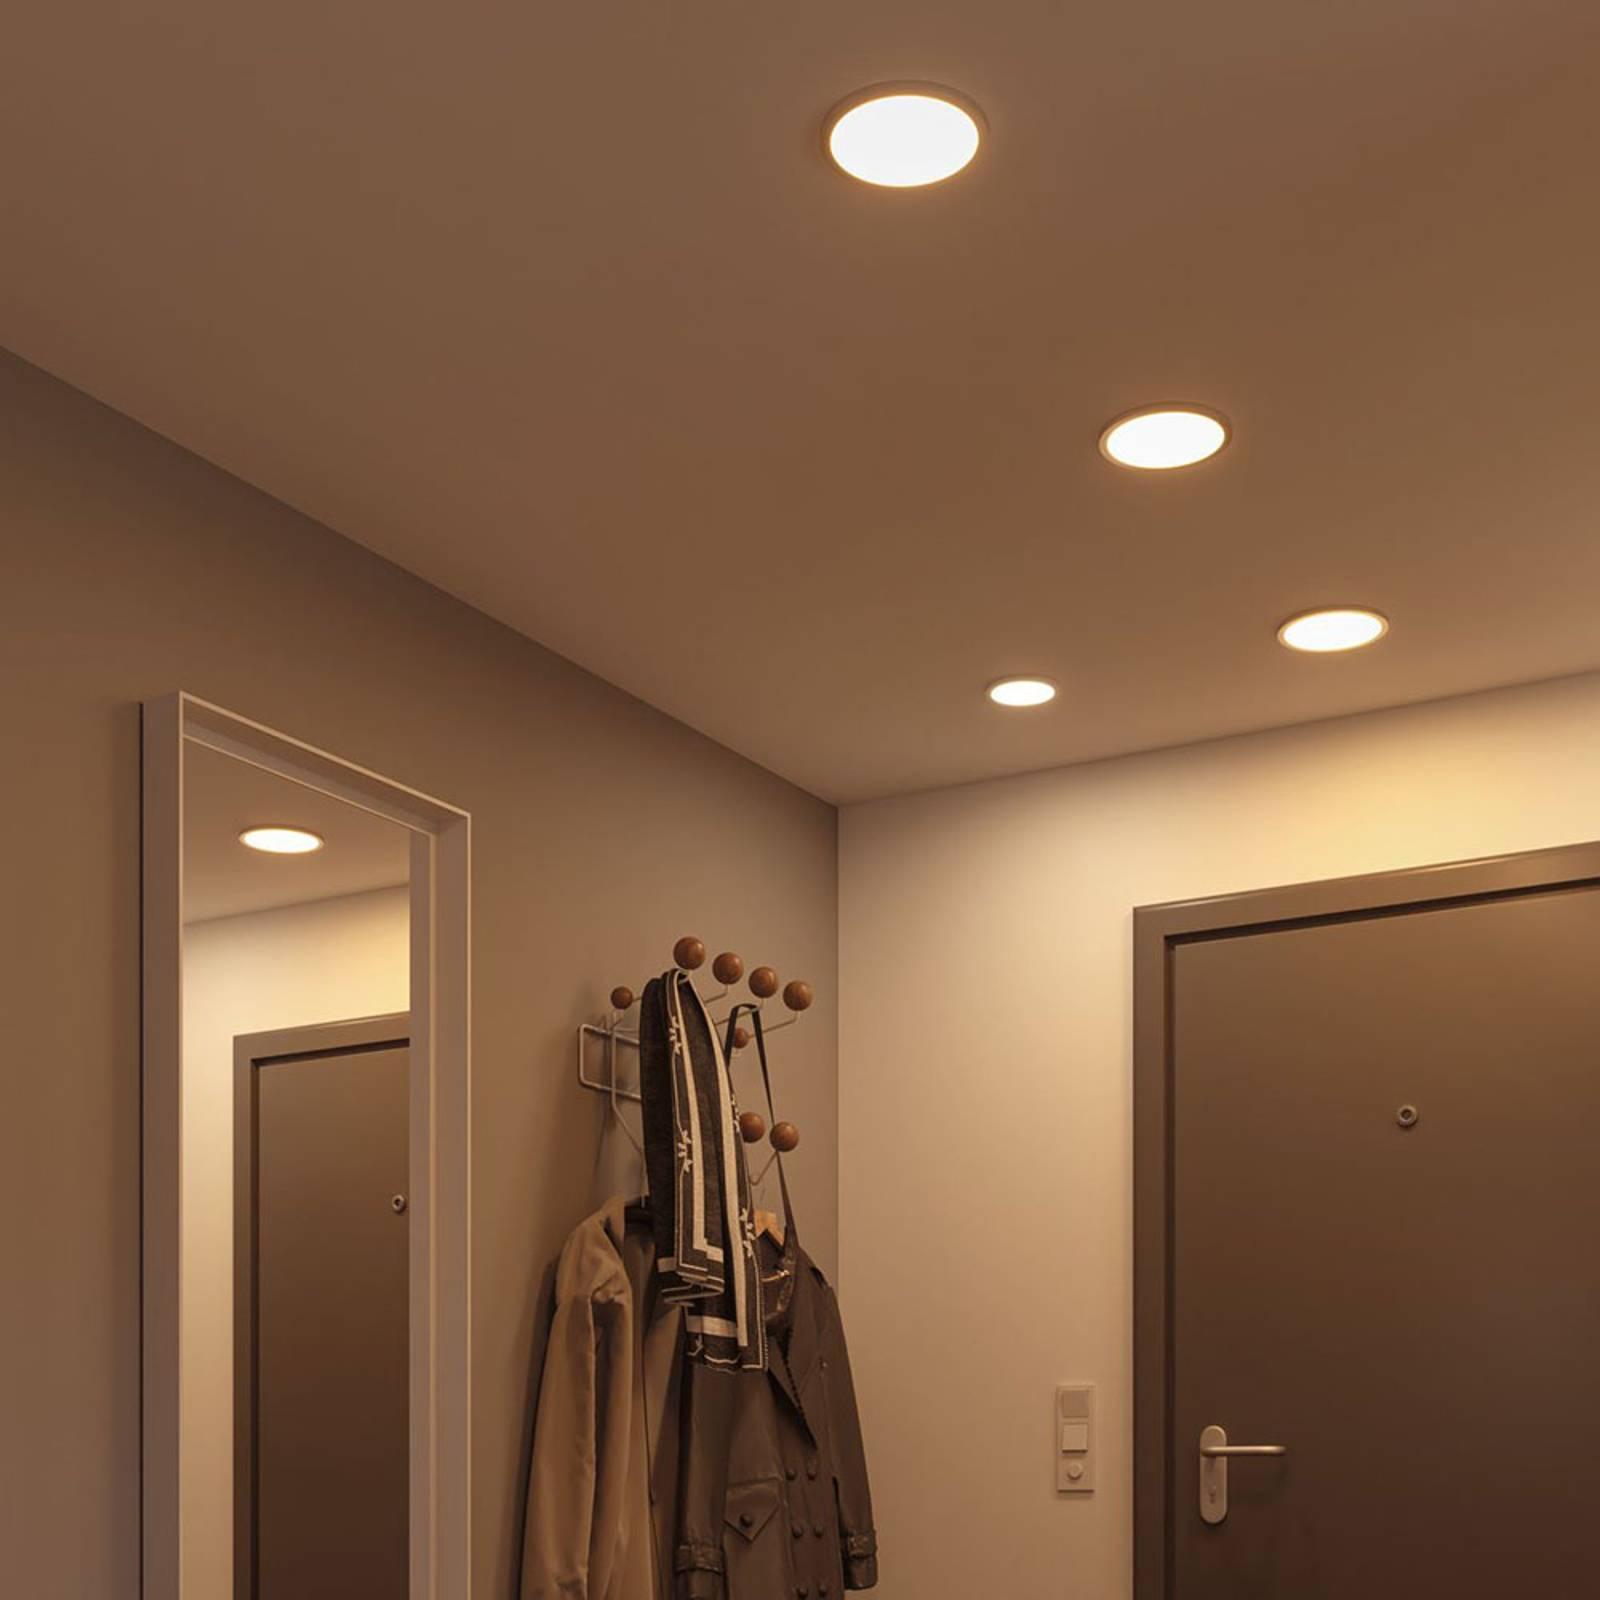 Paulmann-LED-paneeli Areo pyöreä kromi 11,8 cm